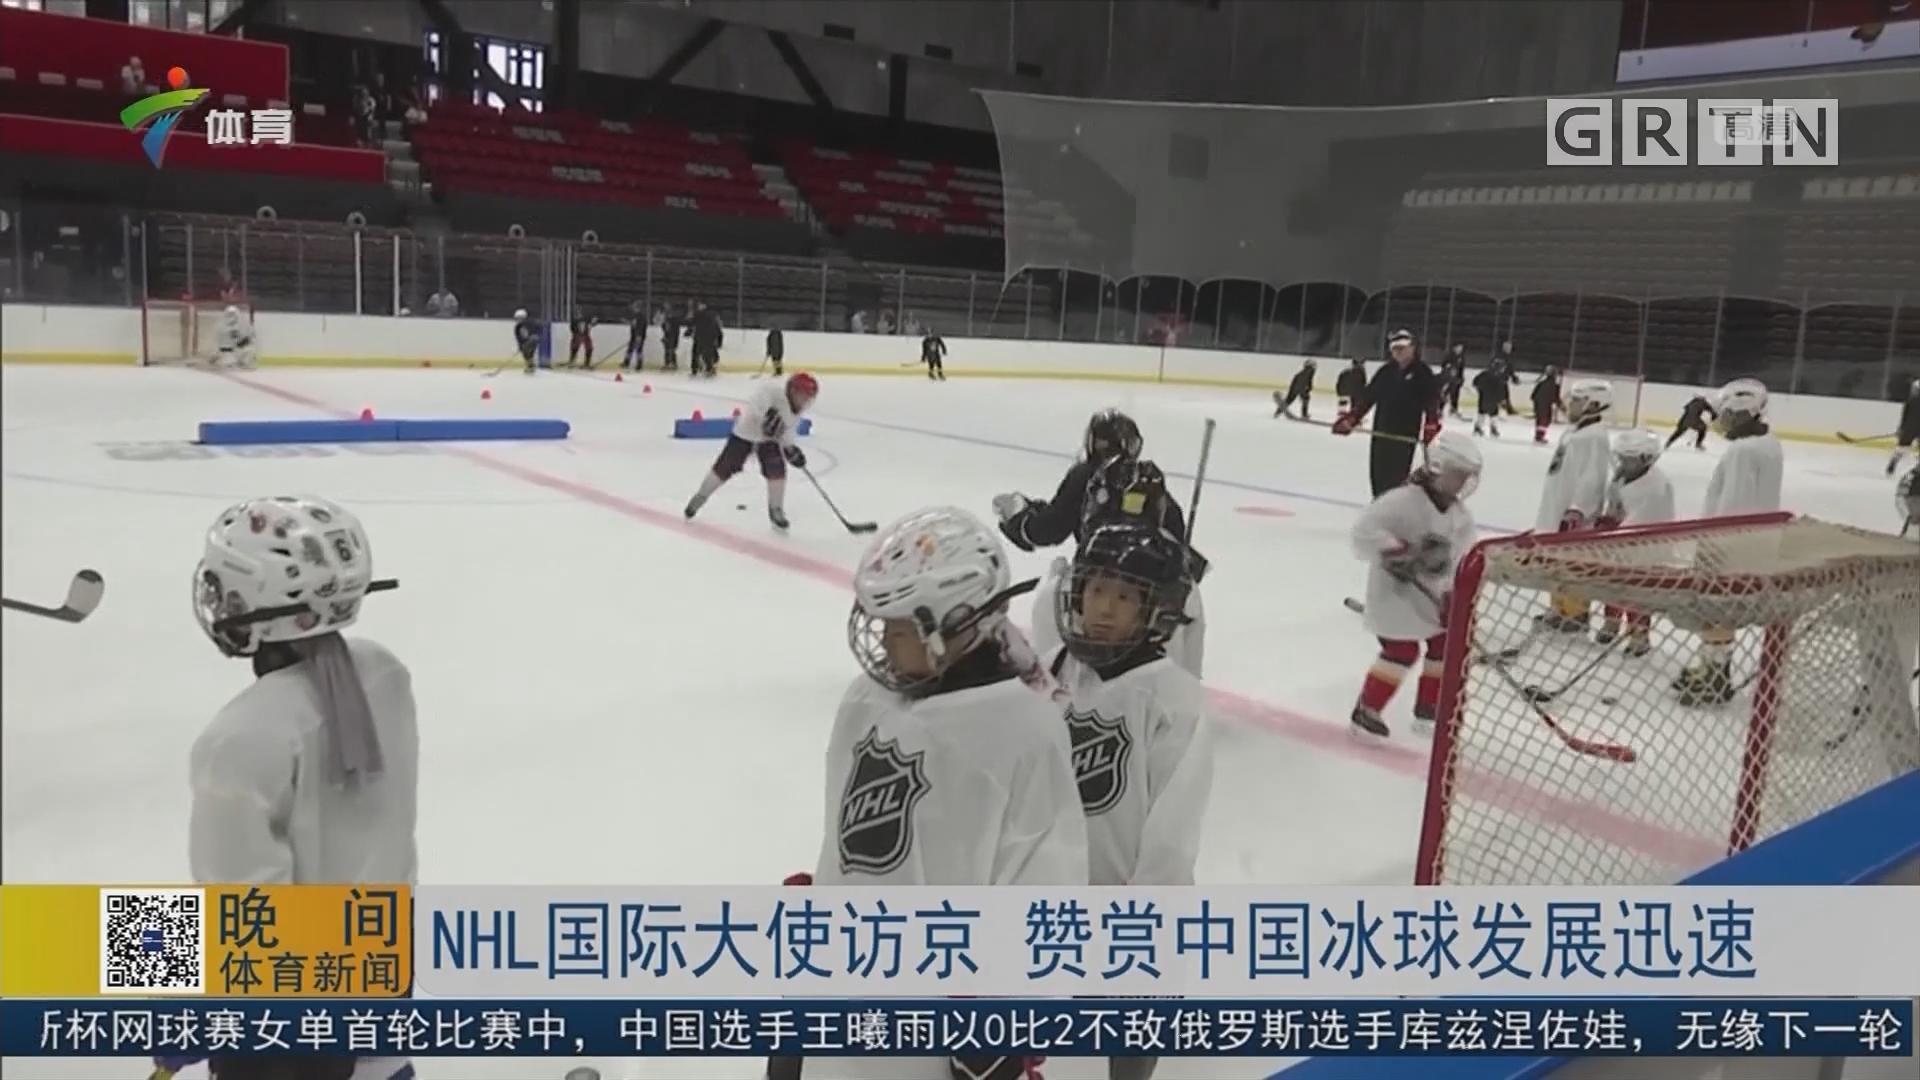 NHL国际大使访京 赞赏中国冰球发展迅速